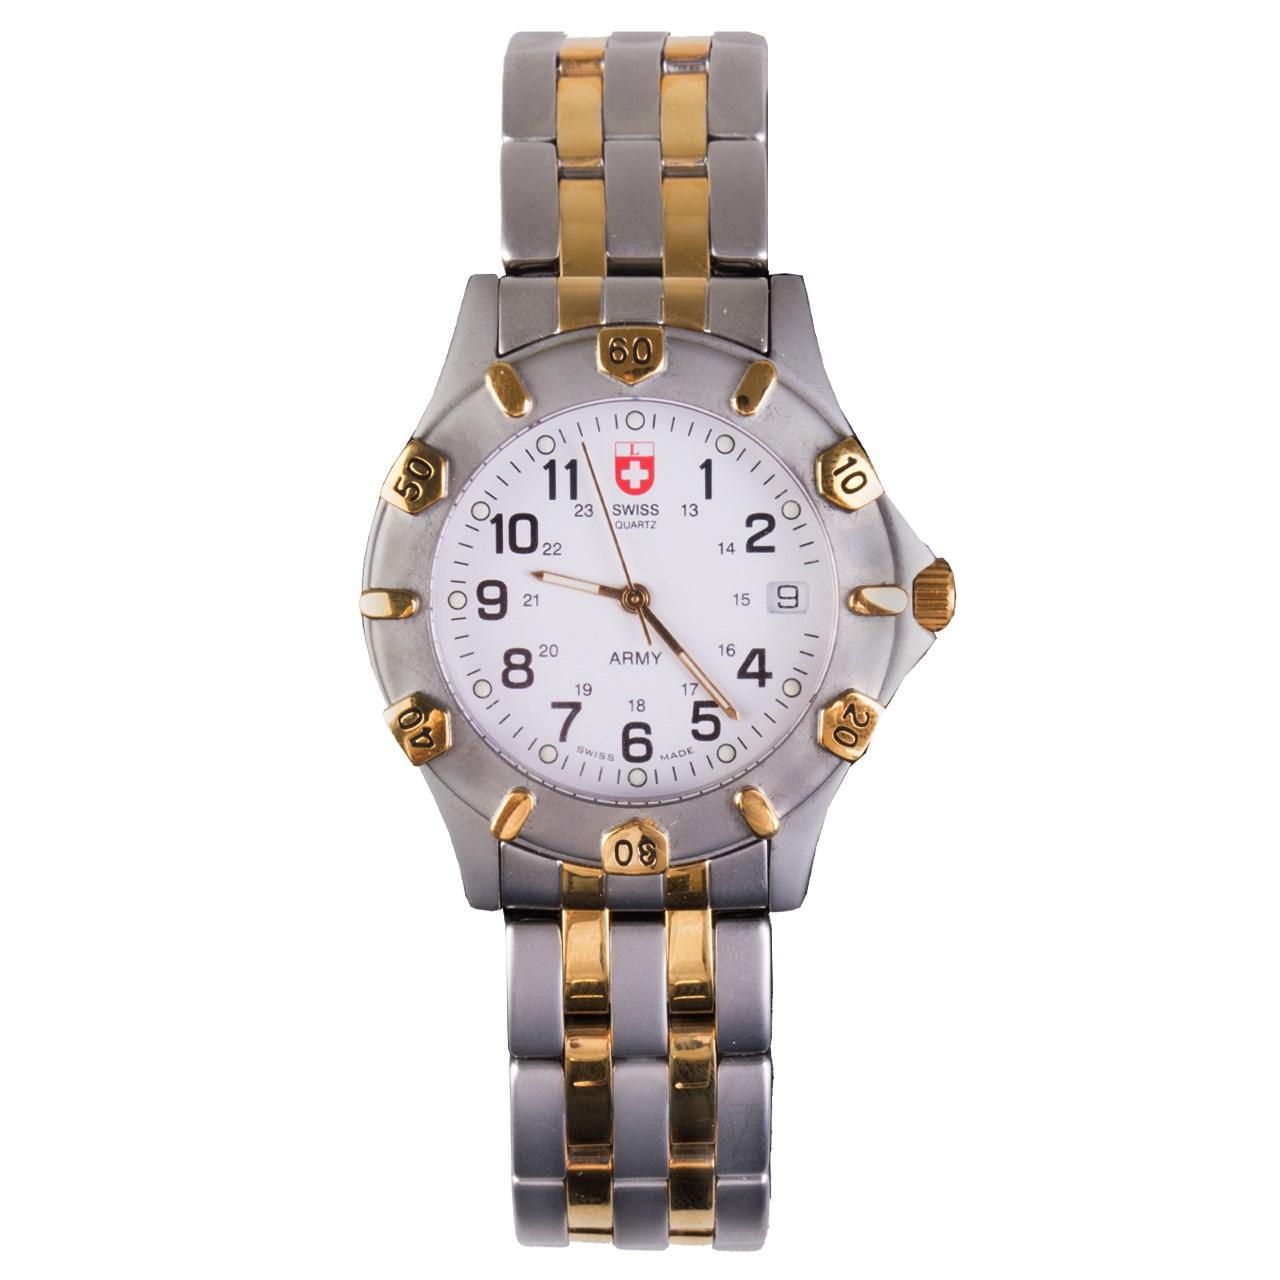 ساعت مچی عقربه ای سوئیس آرمی 1271Bi color 54